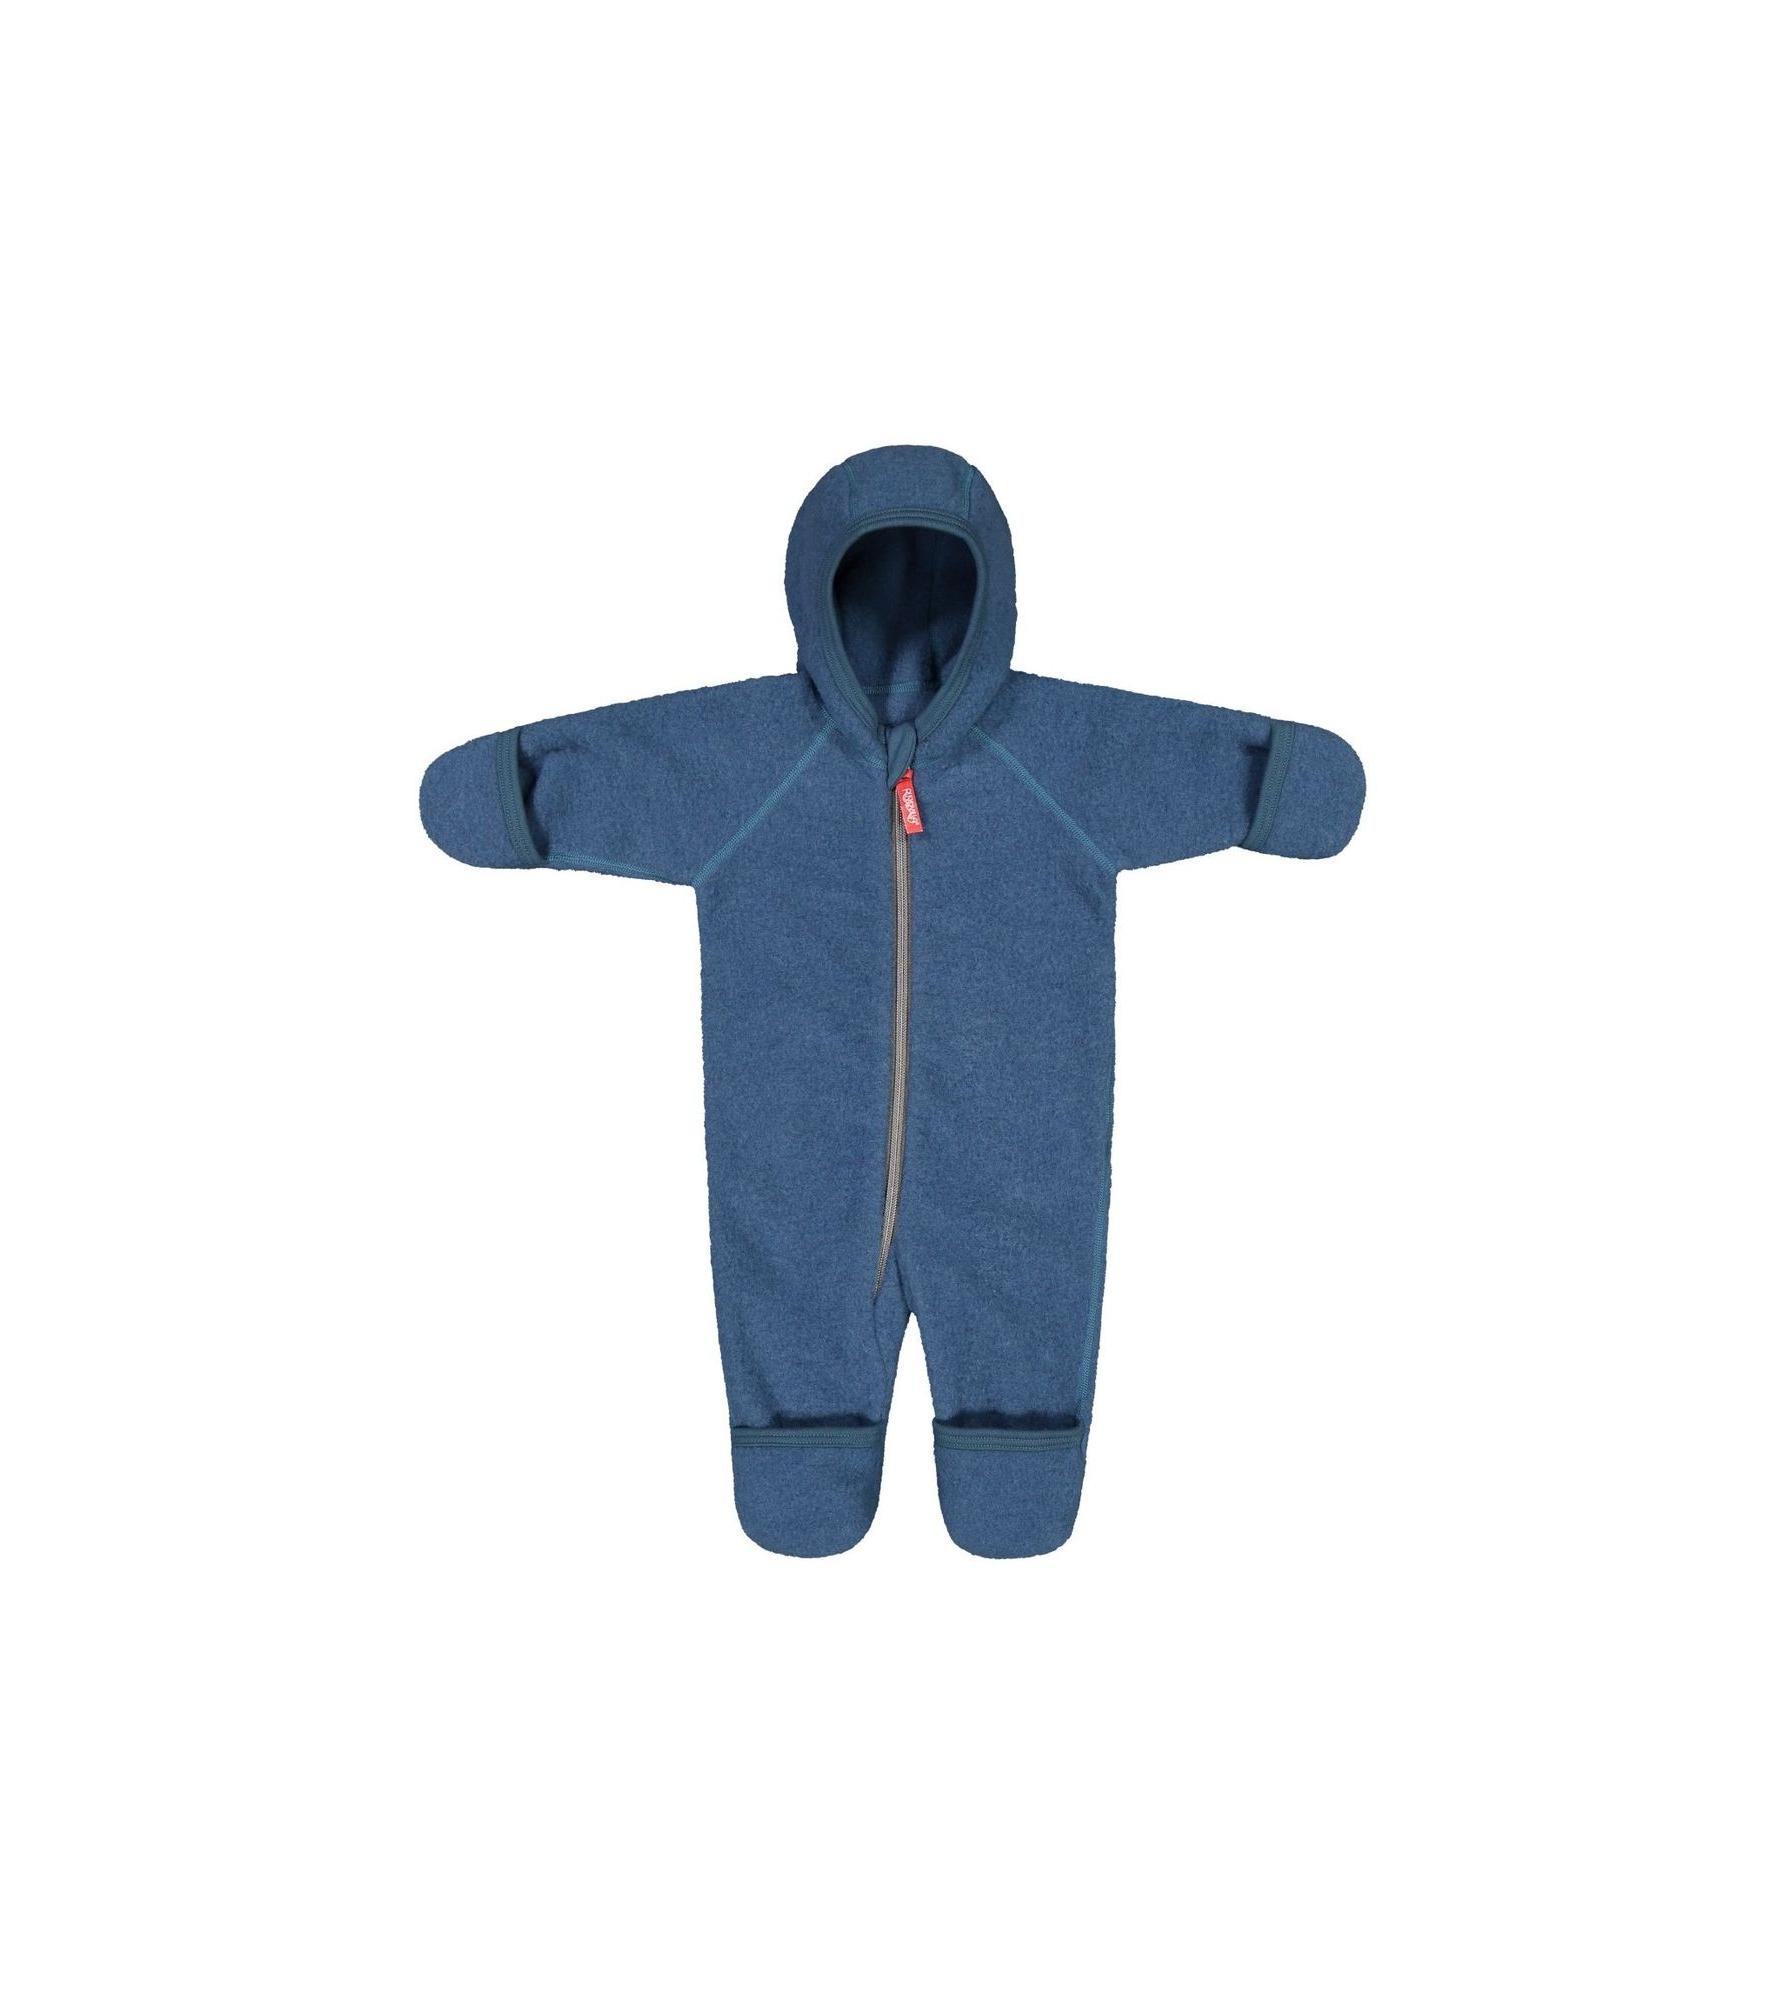 Ruskovilla_vauvat_babies_merino_villafleecehaalari_bodysuit_vuononsininen_fjord_blue.jpg